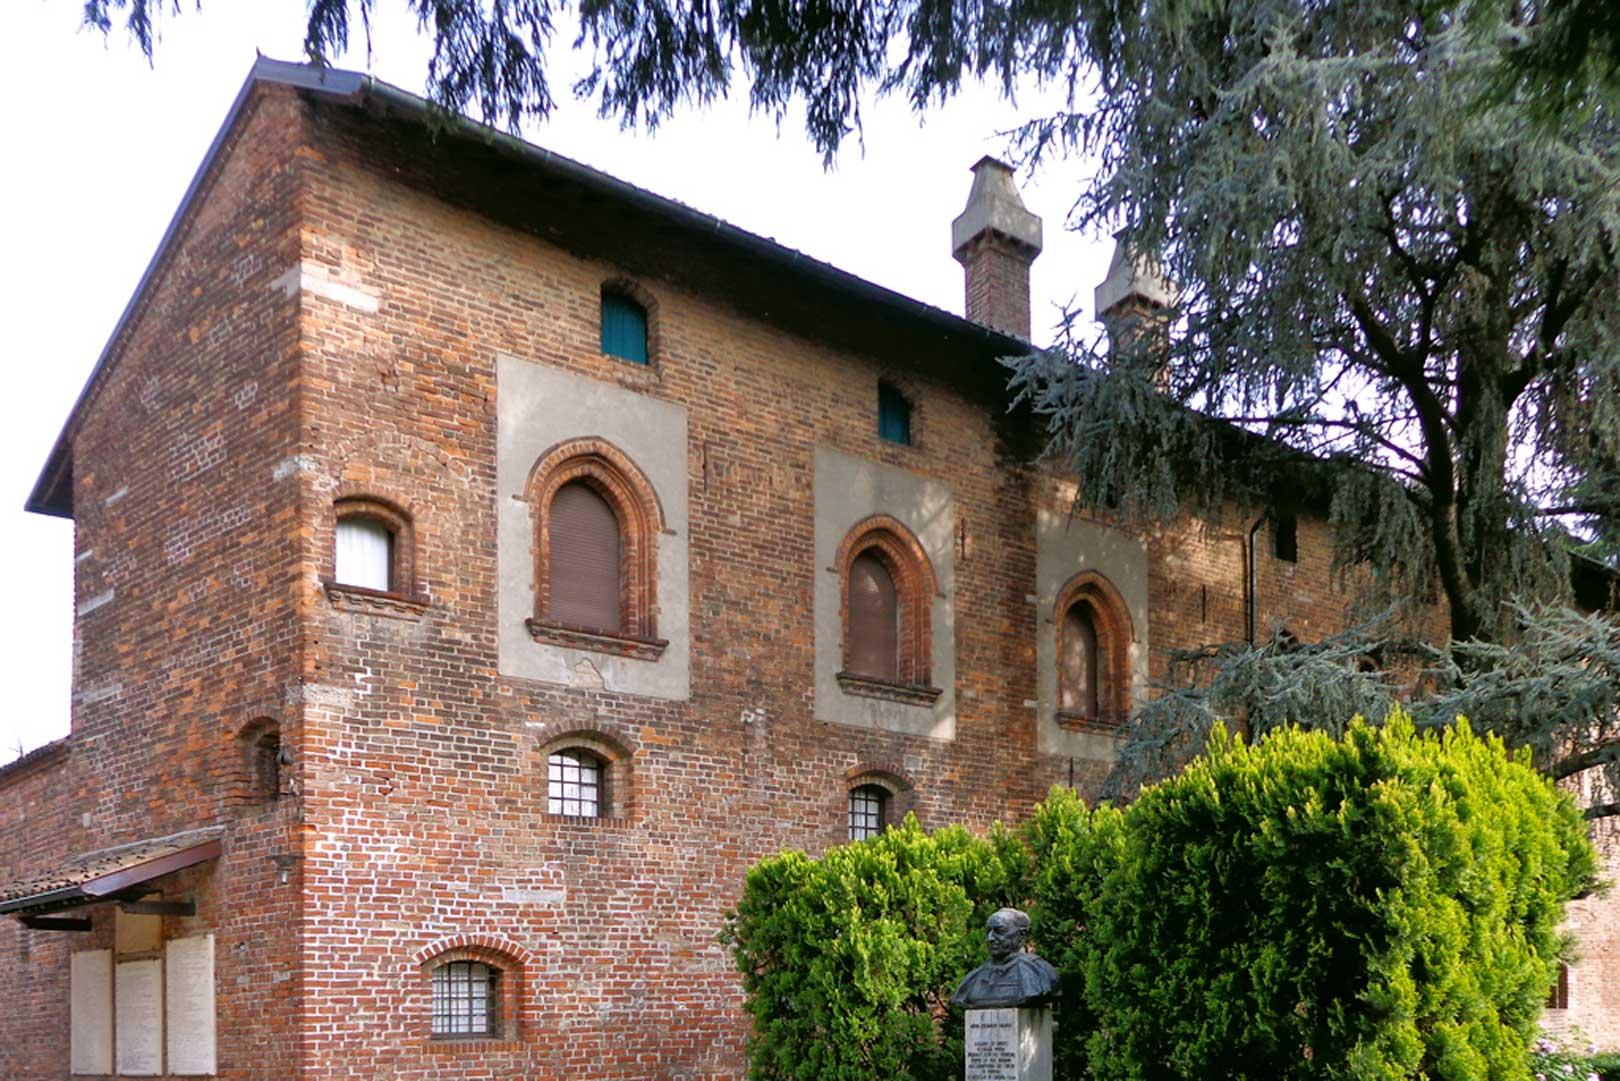 Villaggio dei giornalisti - Milano